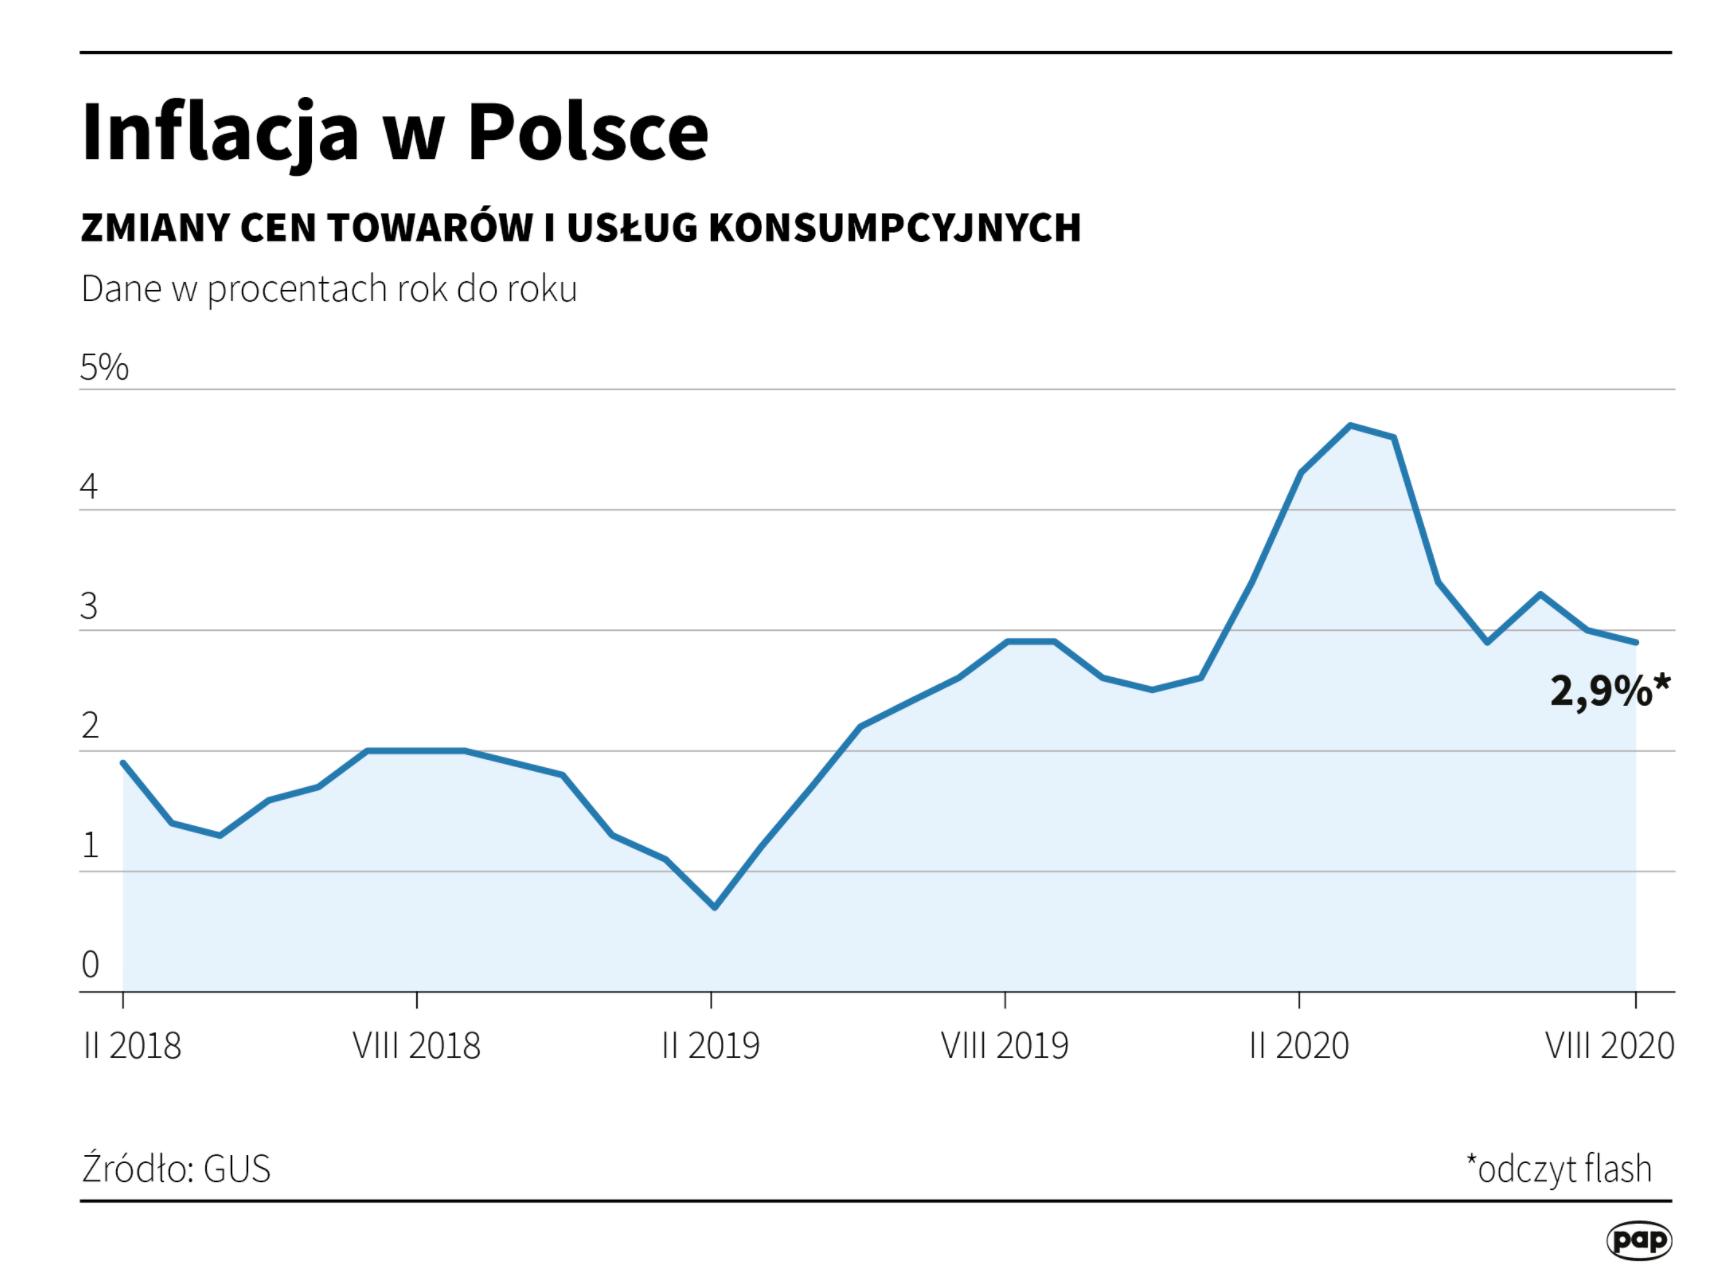 inflacja w polsce - ekantor-pl